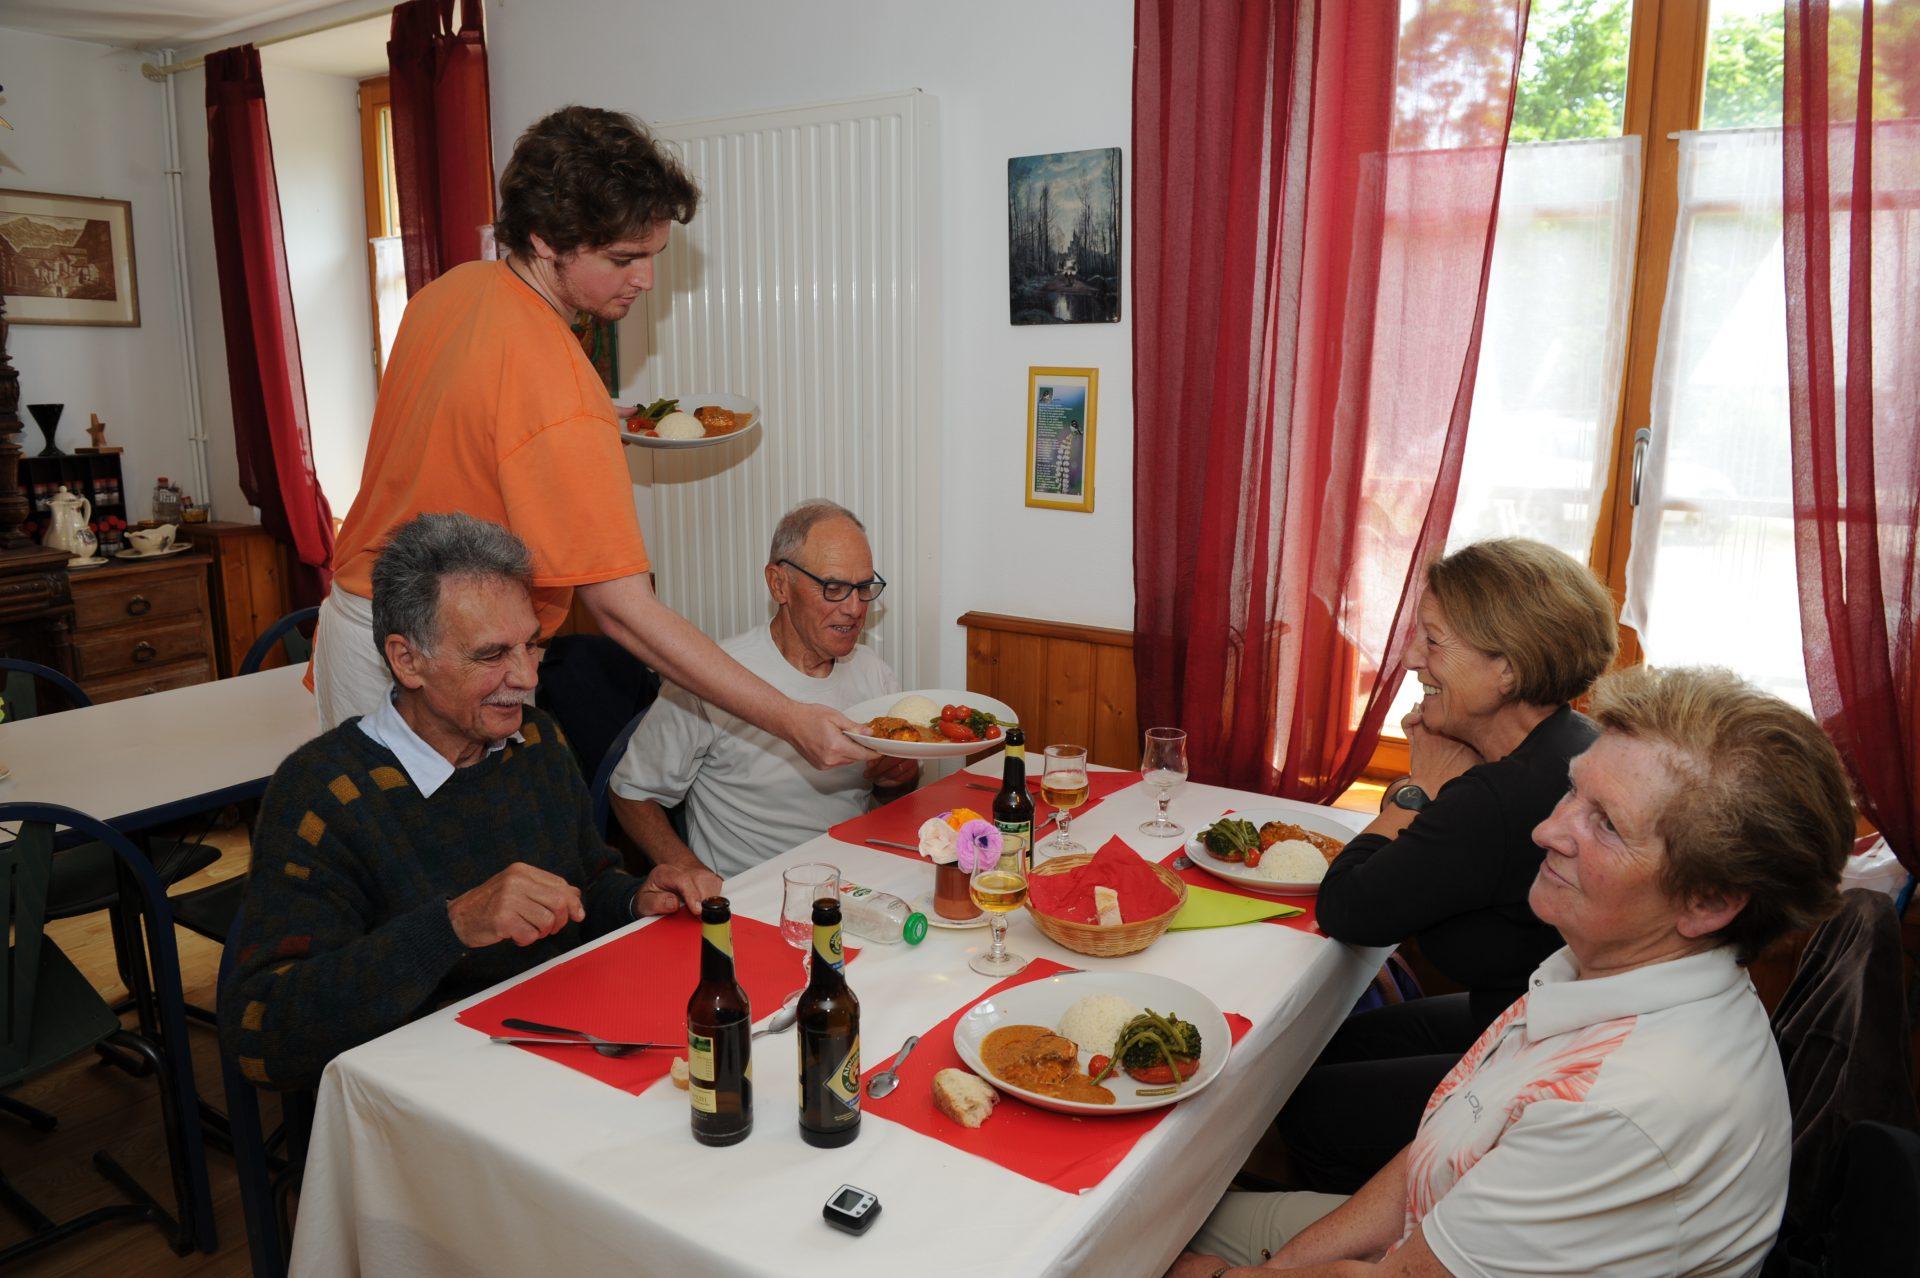 Auberge de la Clausmatt, Association Espoir Colmar, Association humanitaire Alsace, Association Colmar, Hébergement Colmar